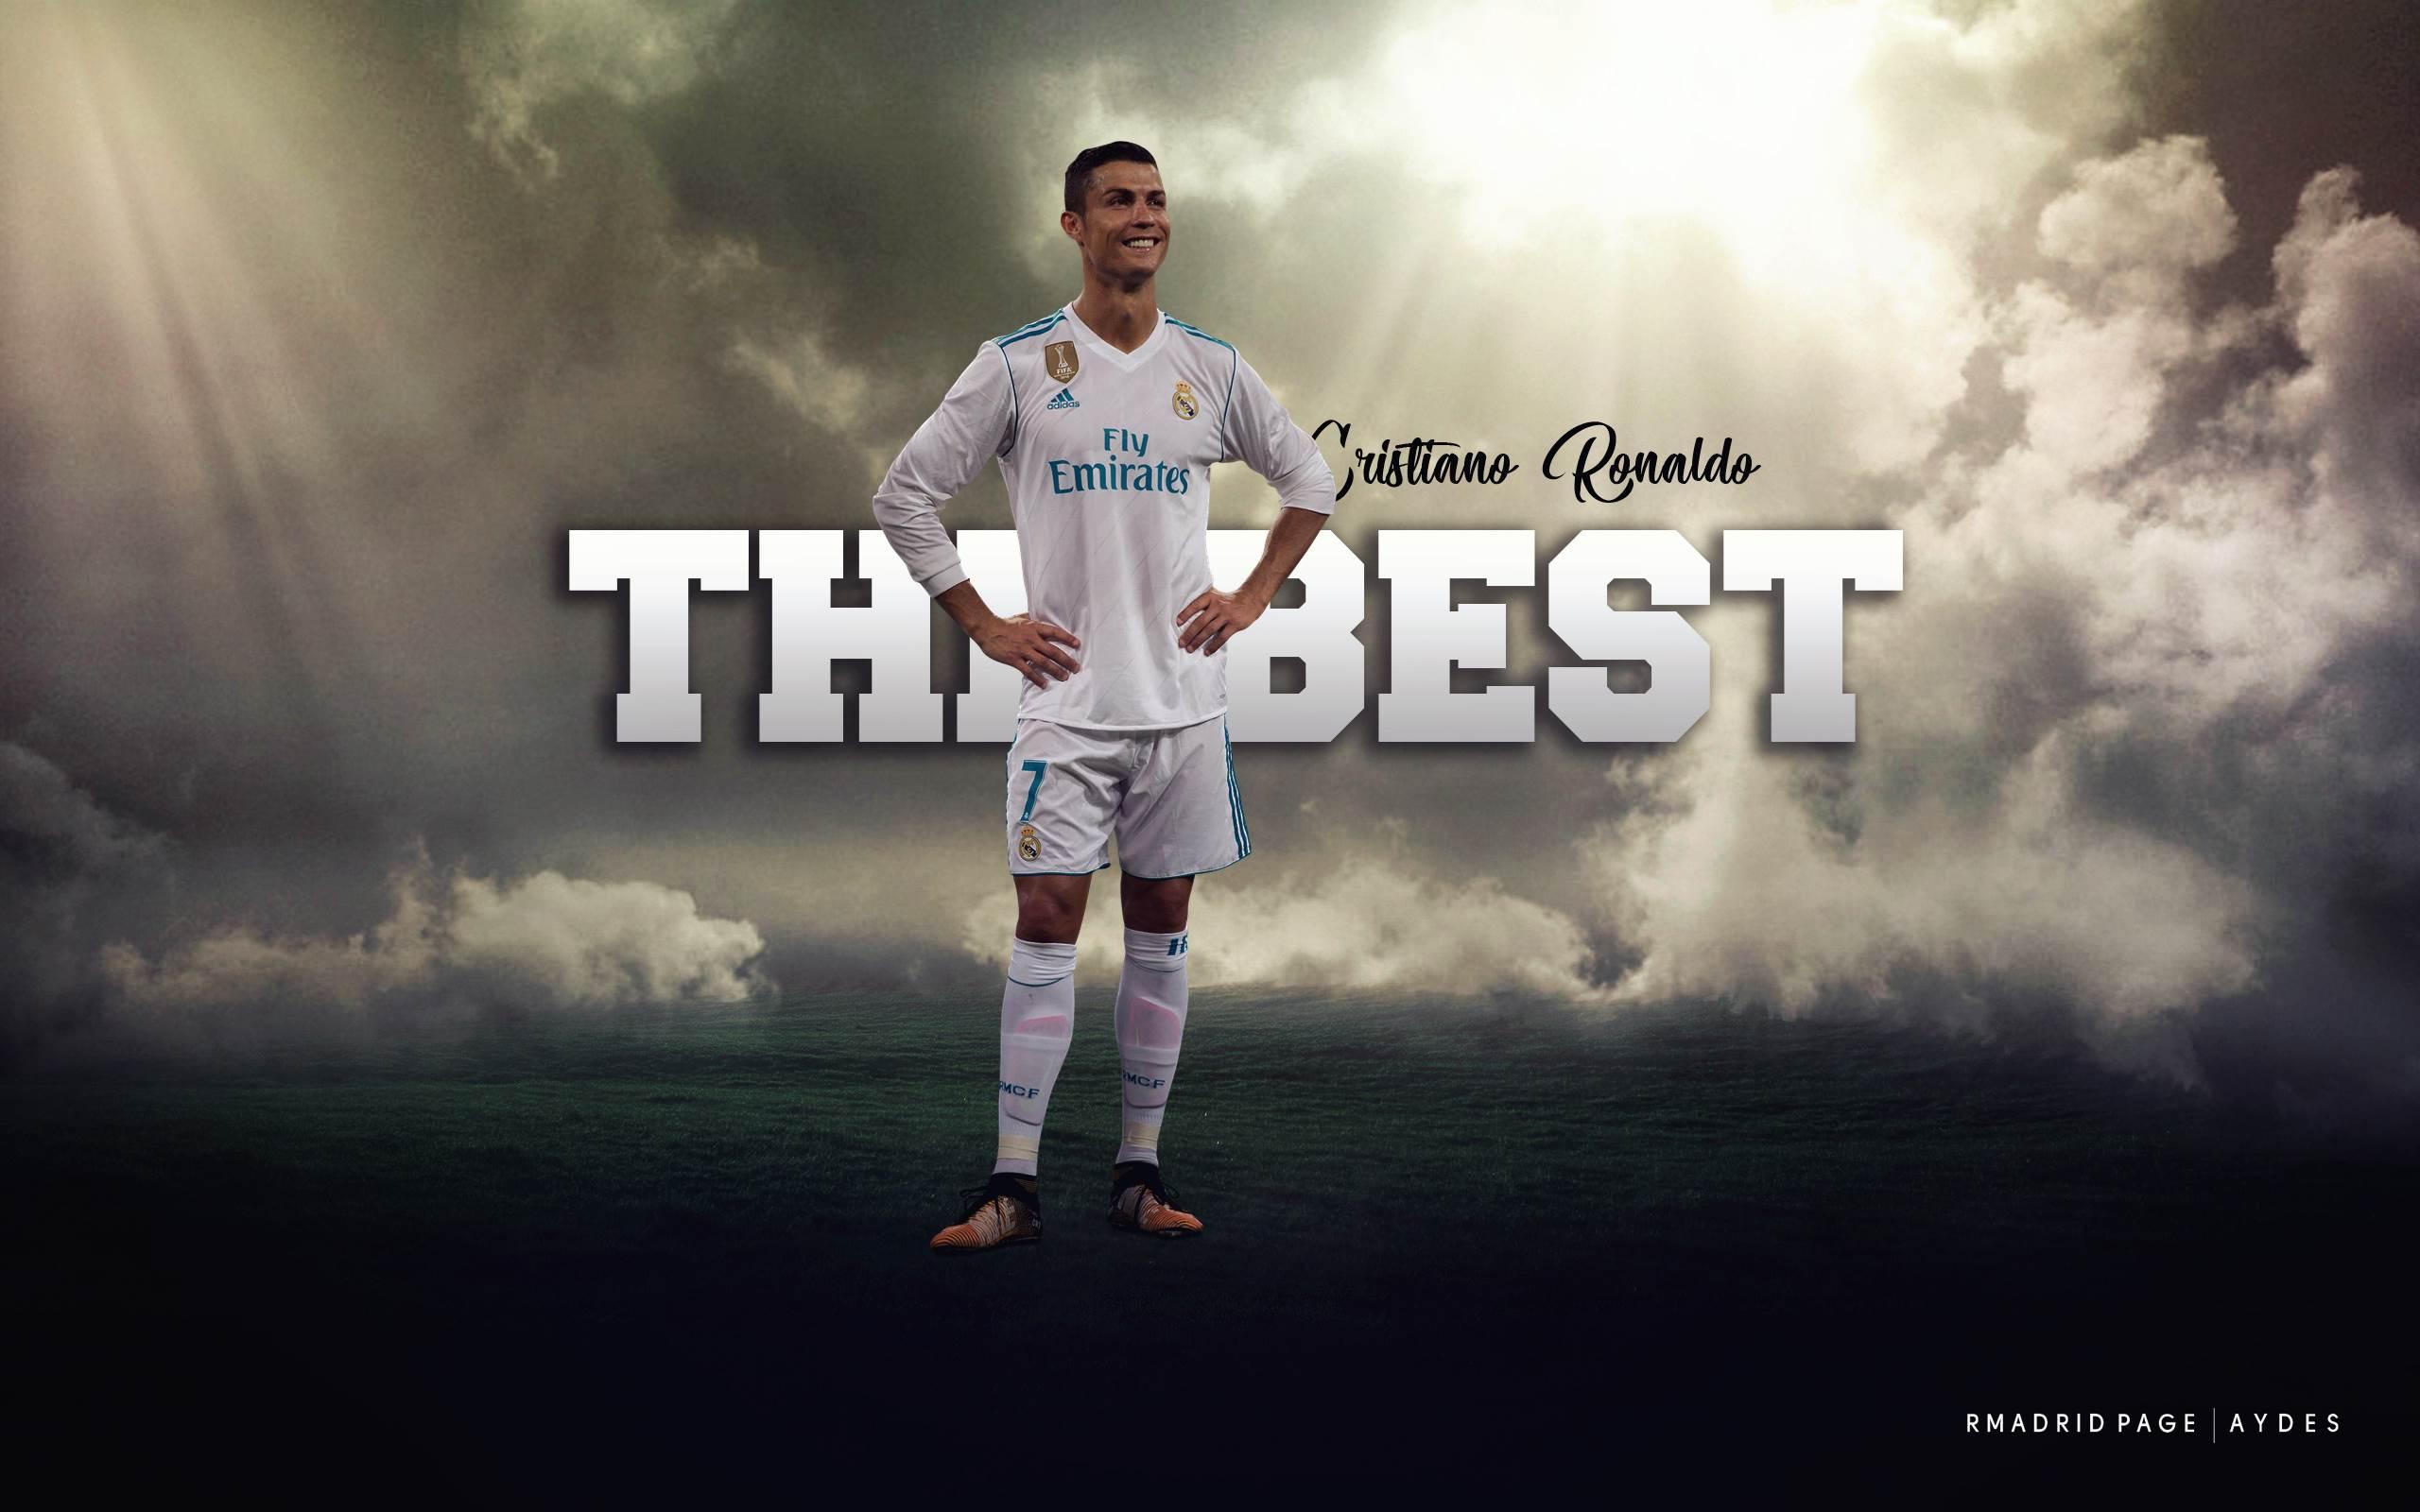 Cristiano Ronaldo The Best Wallpaper